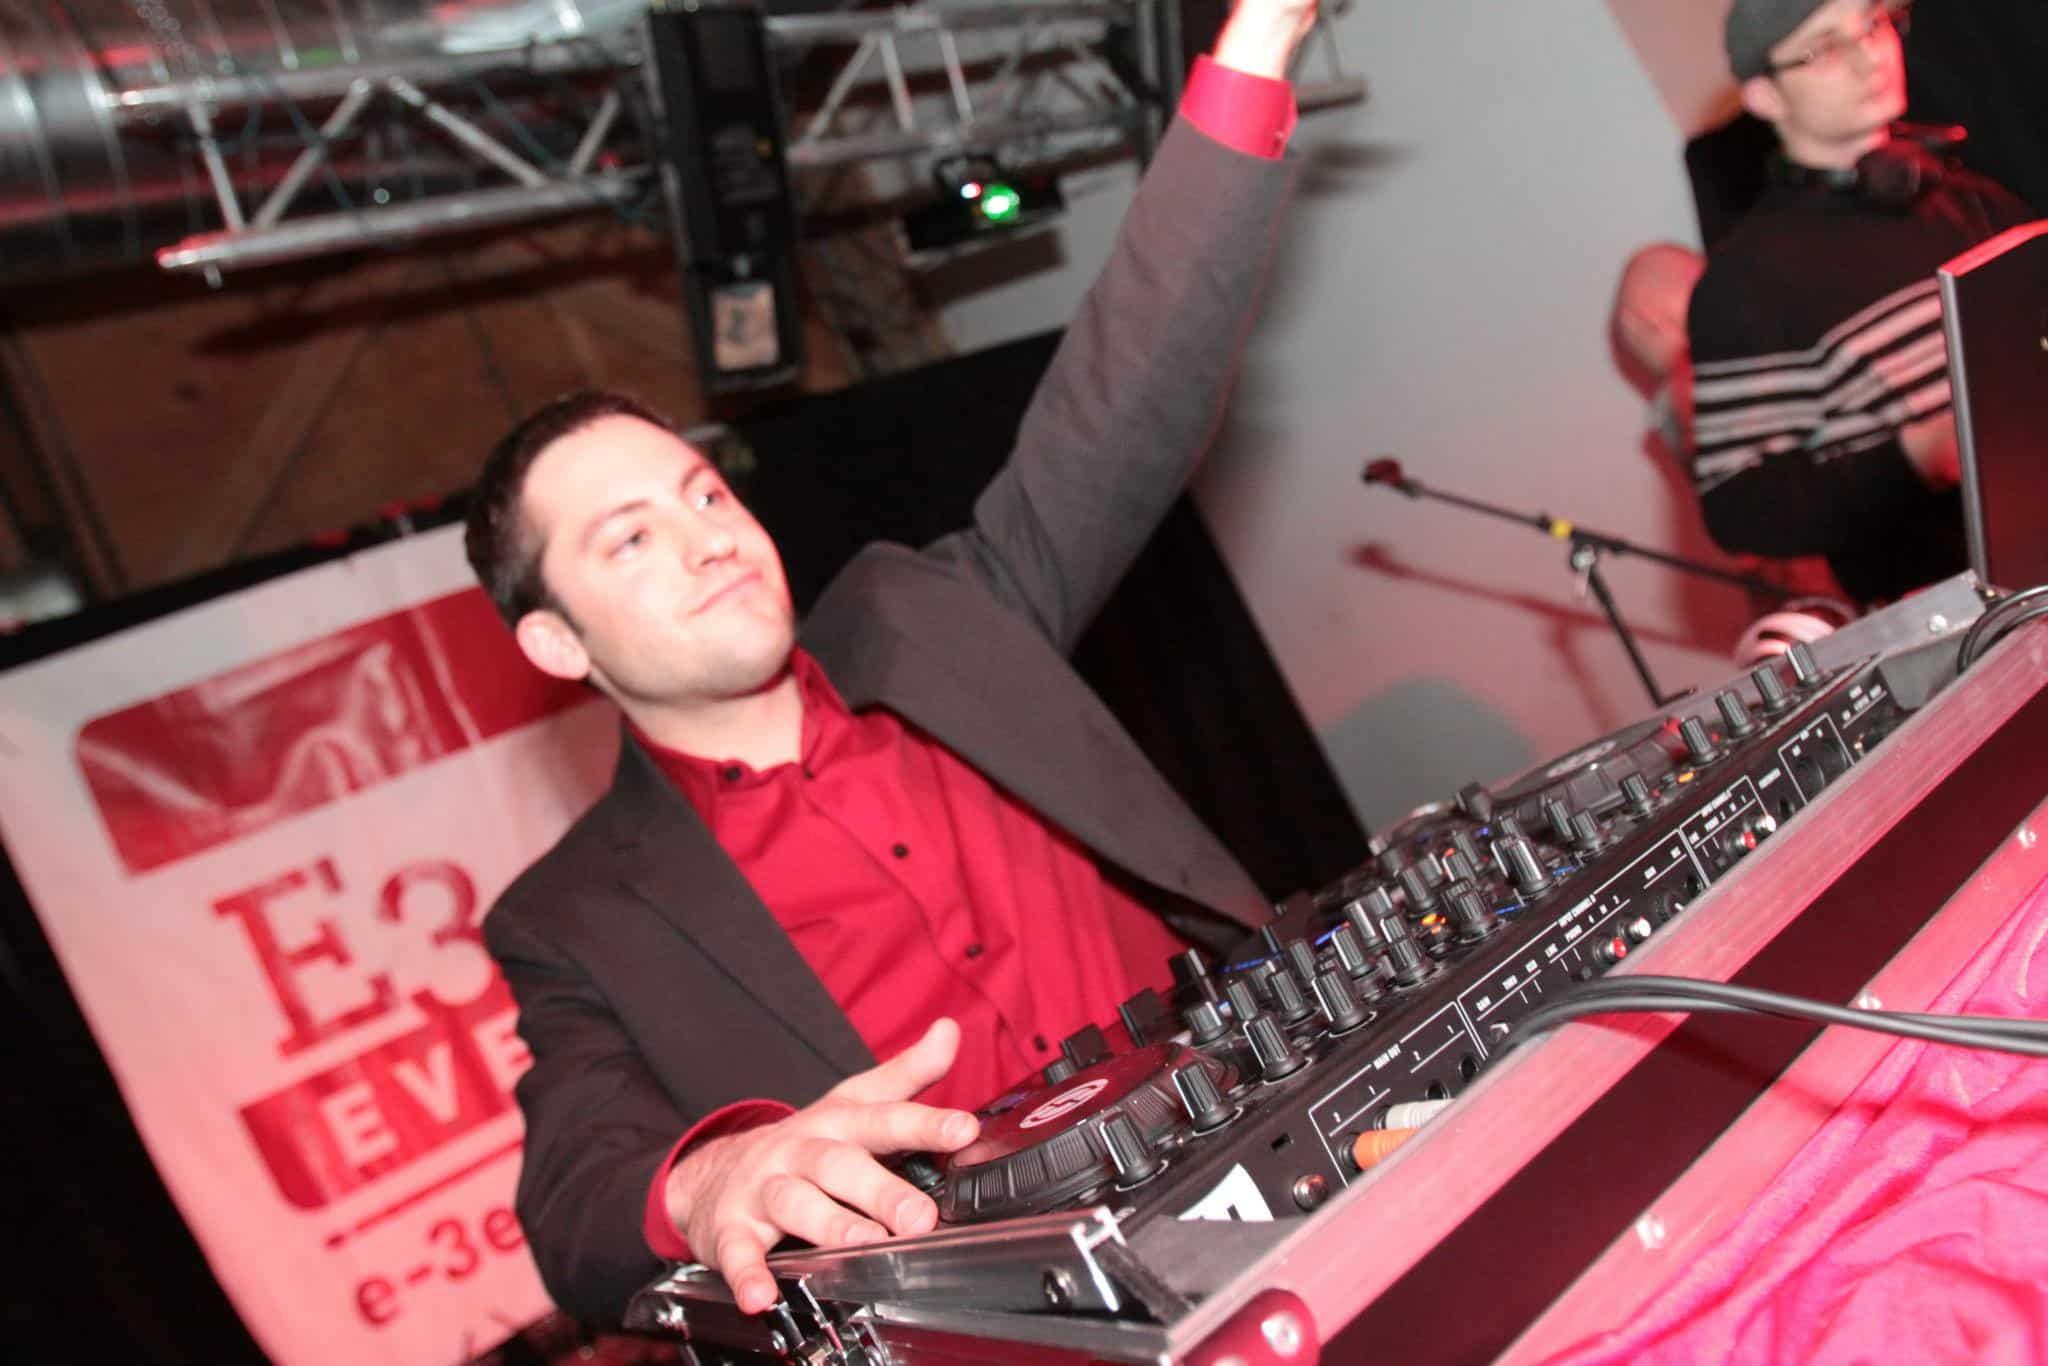 Eric Rosenberg DJ Yofi Heebonism